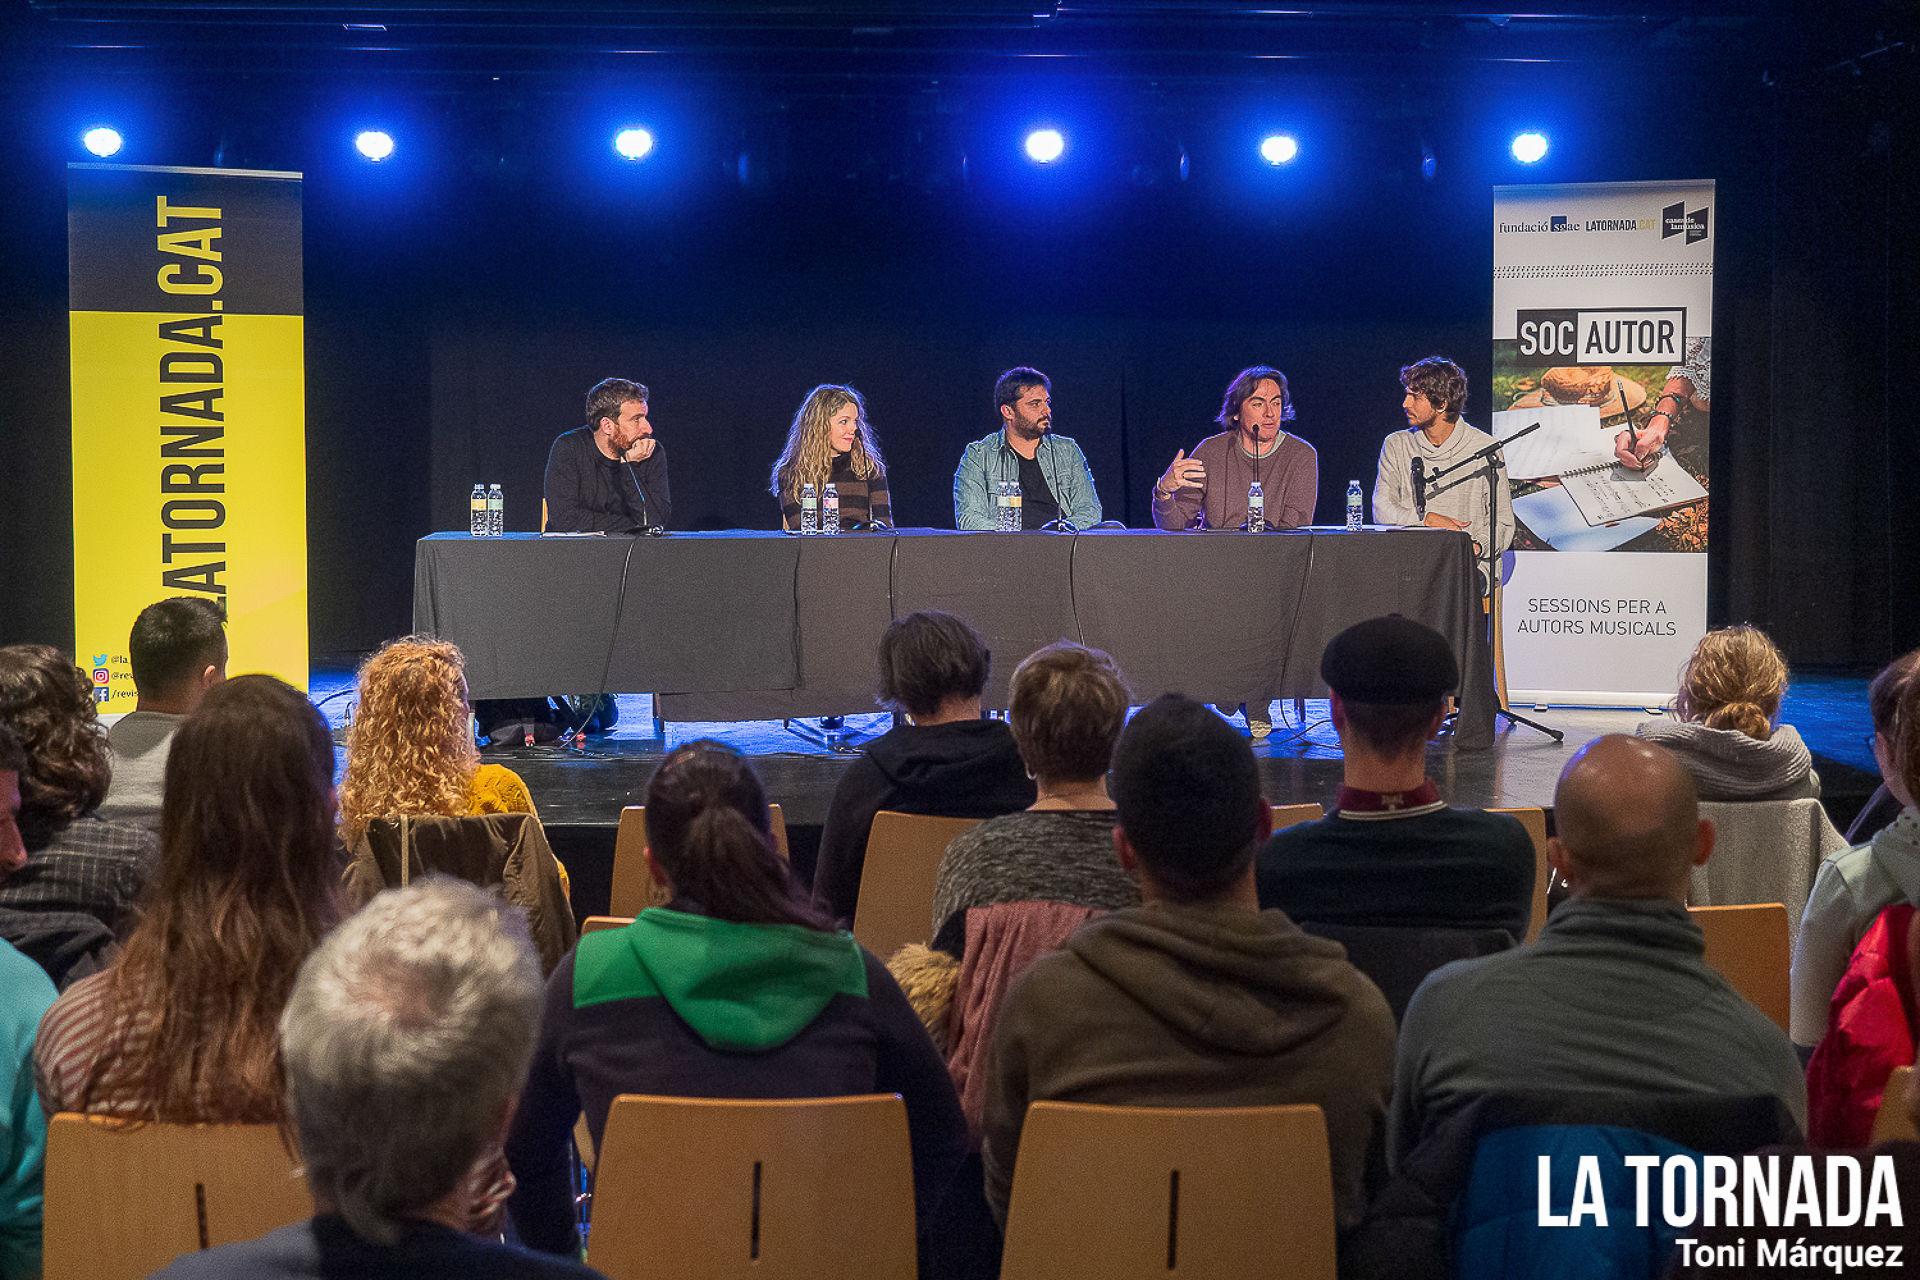 Olot acull una nova sessió del Soc Autor